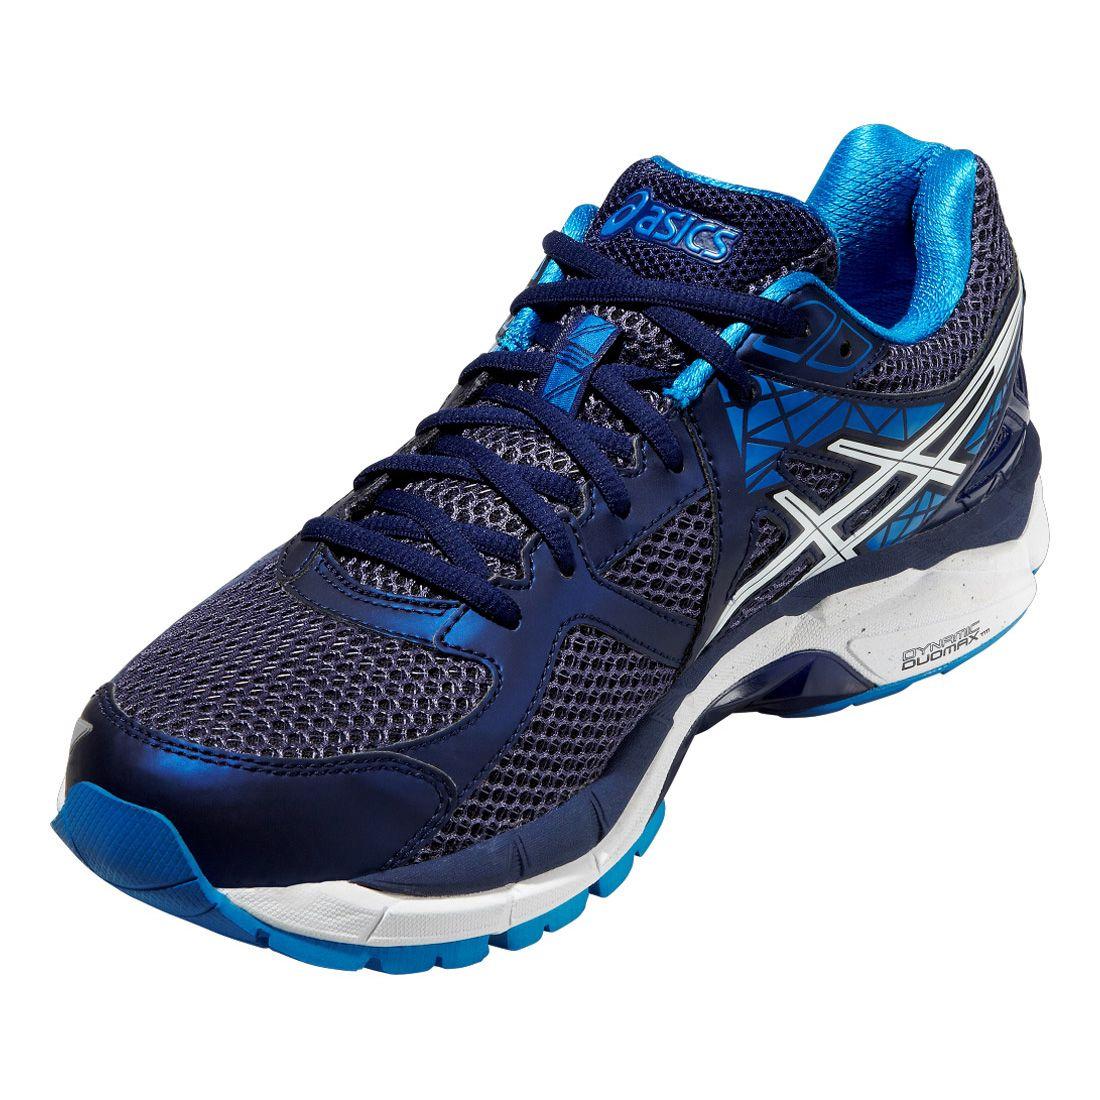 asics gt 2000 3 mens running shoes. Black Bedroom Furniture Sets. Home Design Ideas